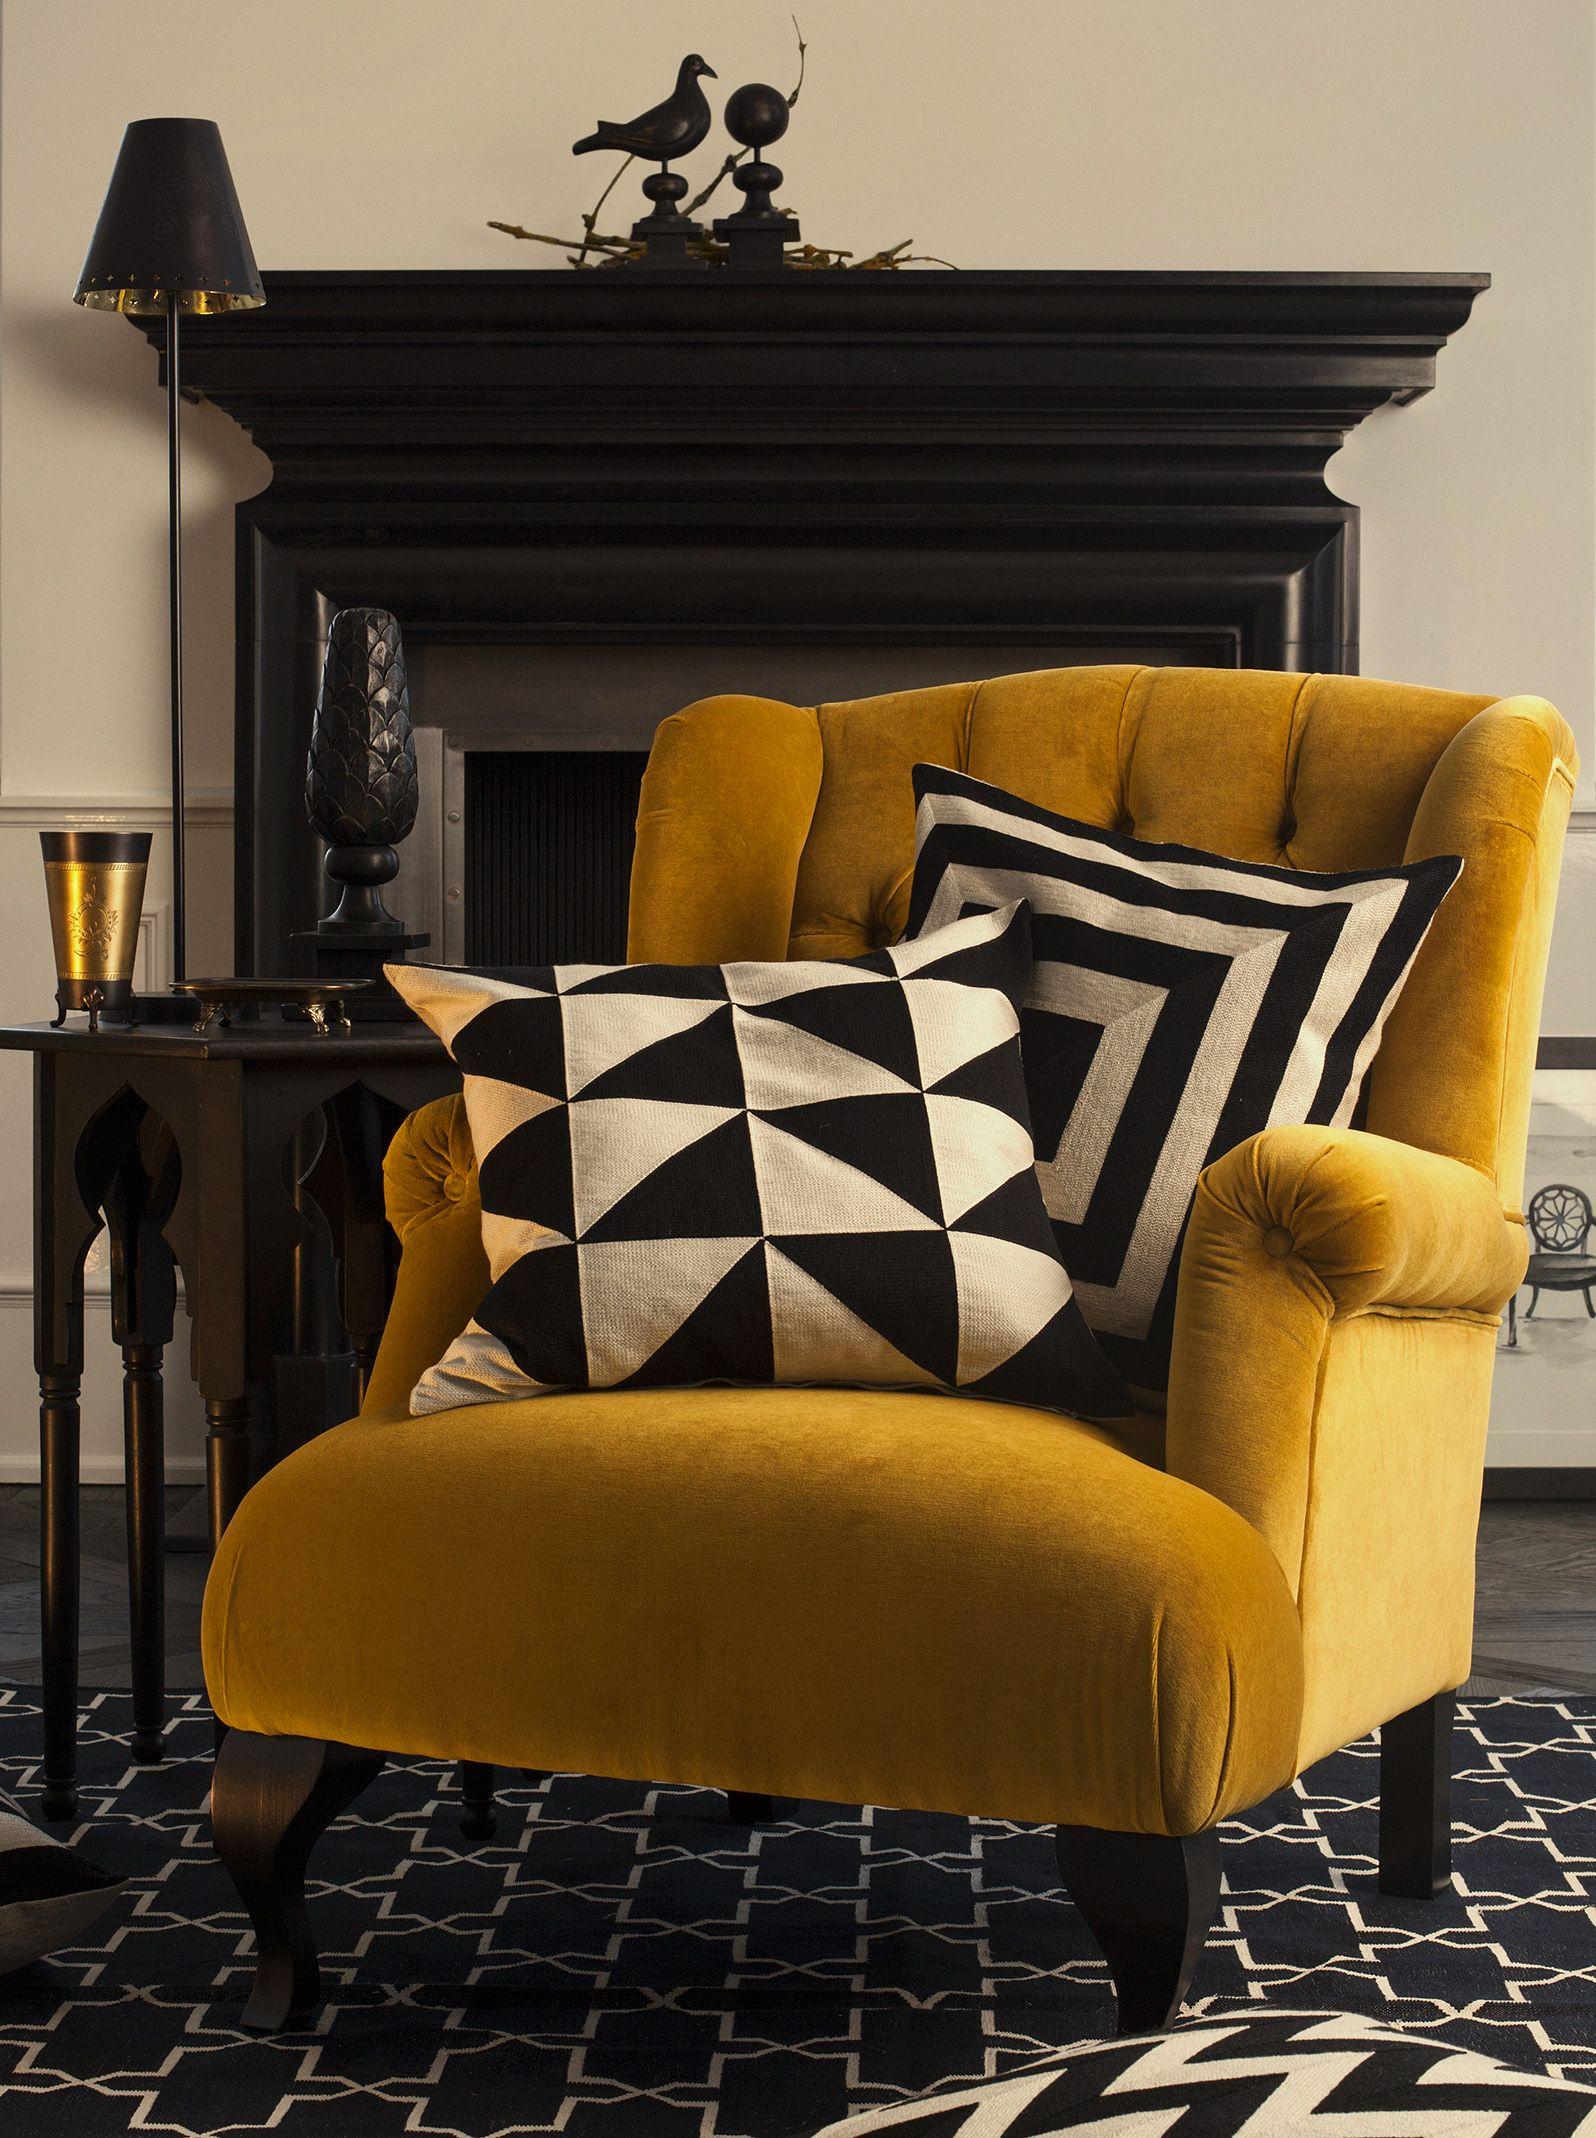 les 25 meilleures id es de la cat gorie mustard chair sur pinterest d cor de moutarde jaune. Black Bedroom Furniture Sets. Home Design Ideas